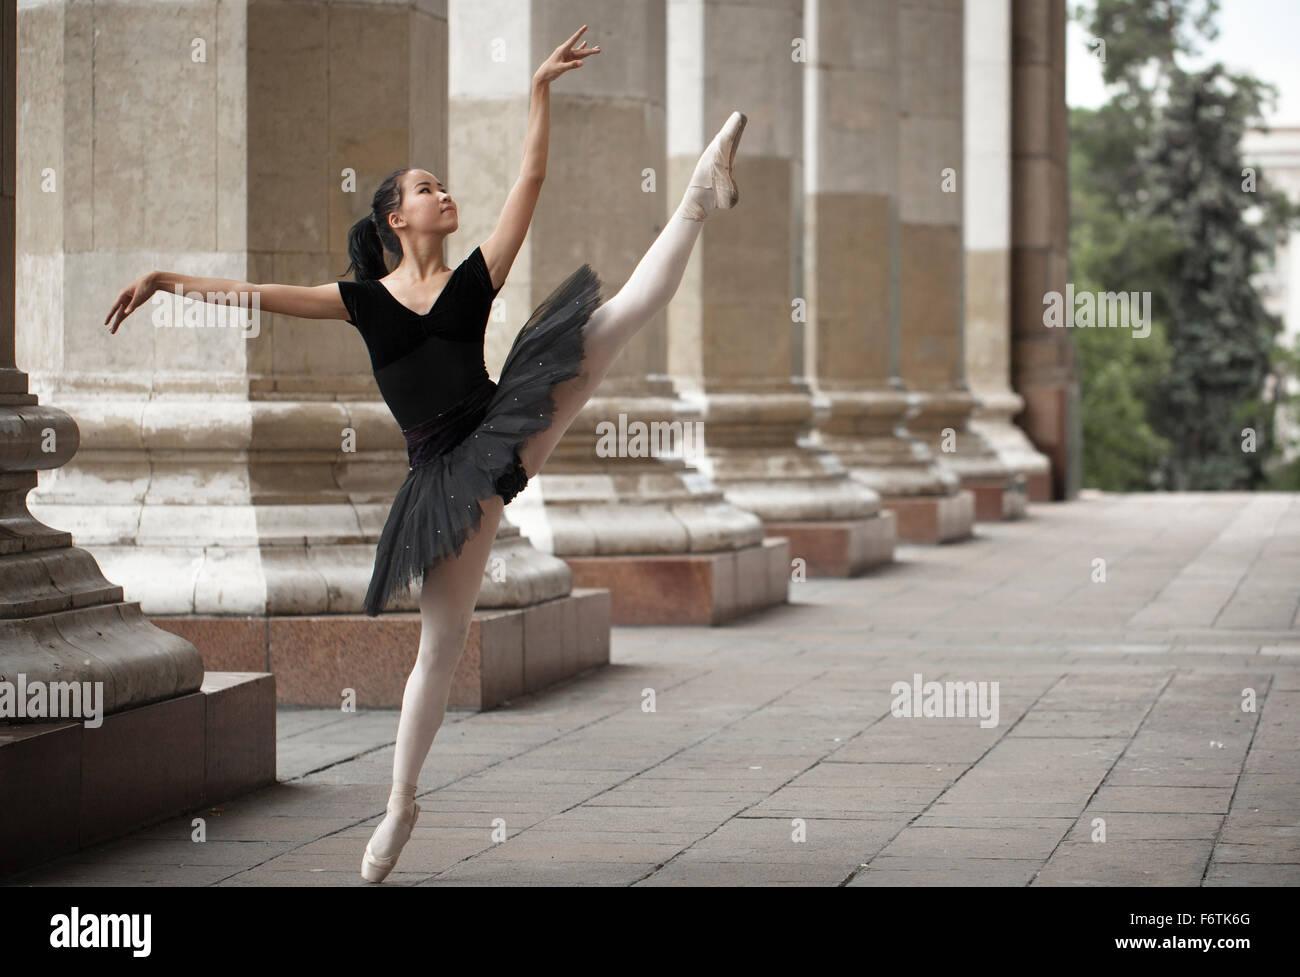 Ragazza ballerina flats permanente sulla tiptoes sulla strada Immagini Stock